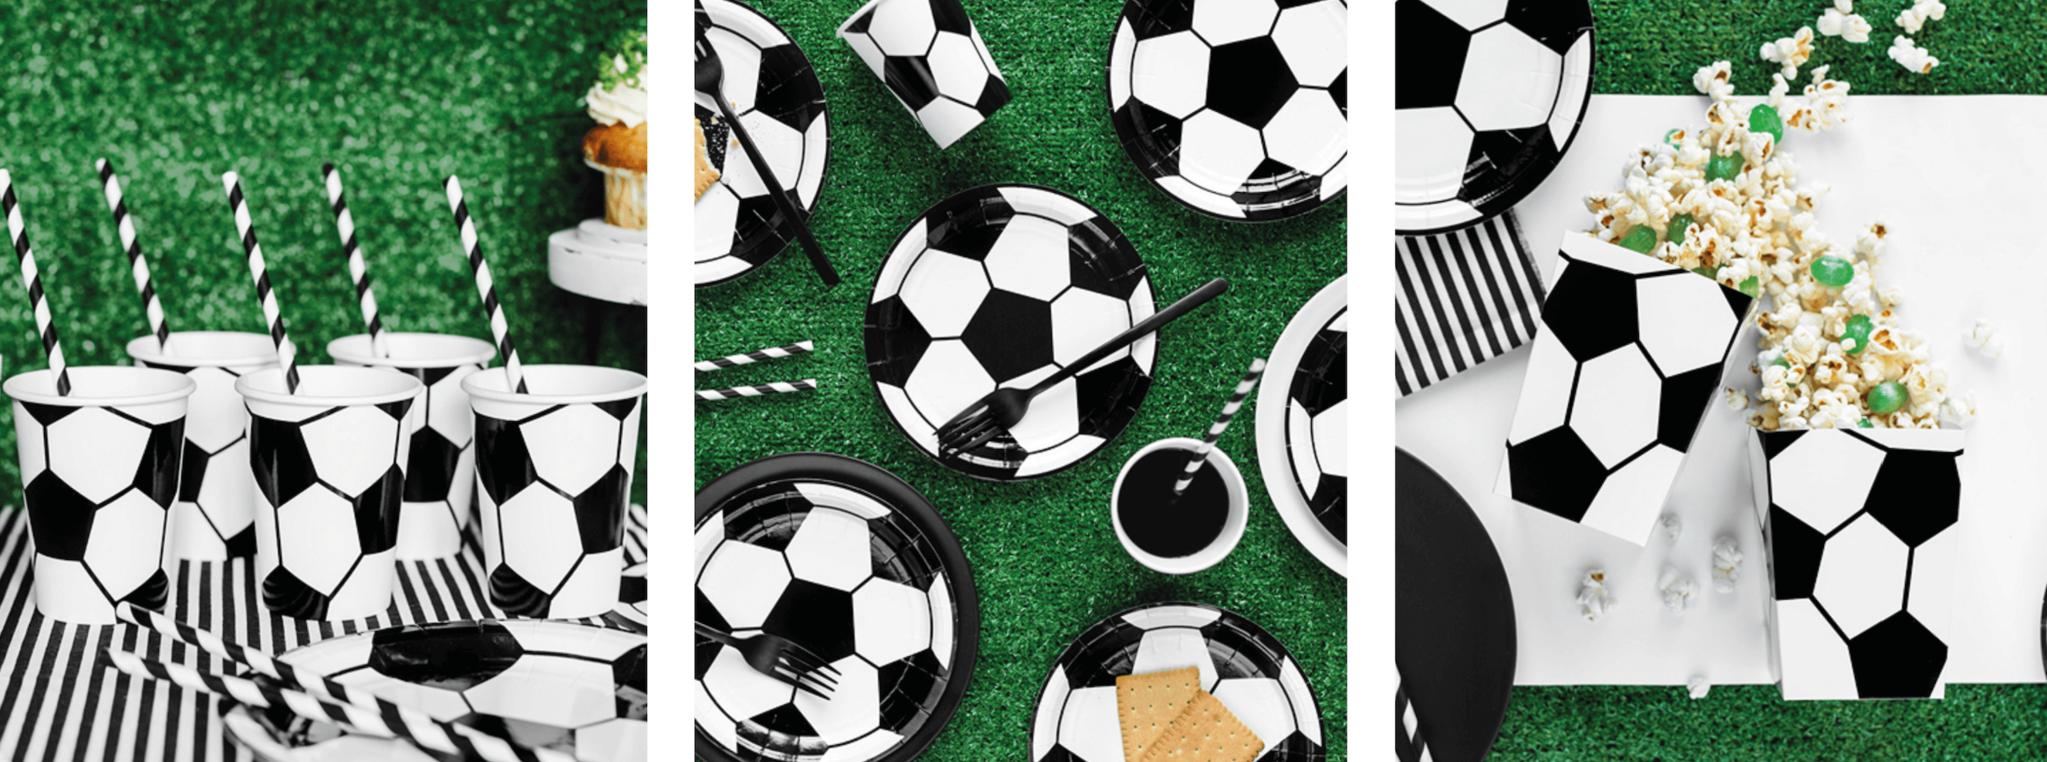 Voetbal versiering thuis EK